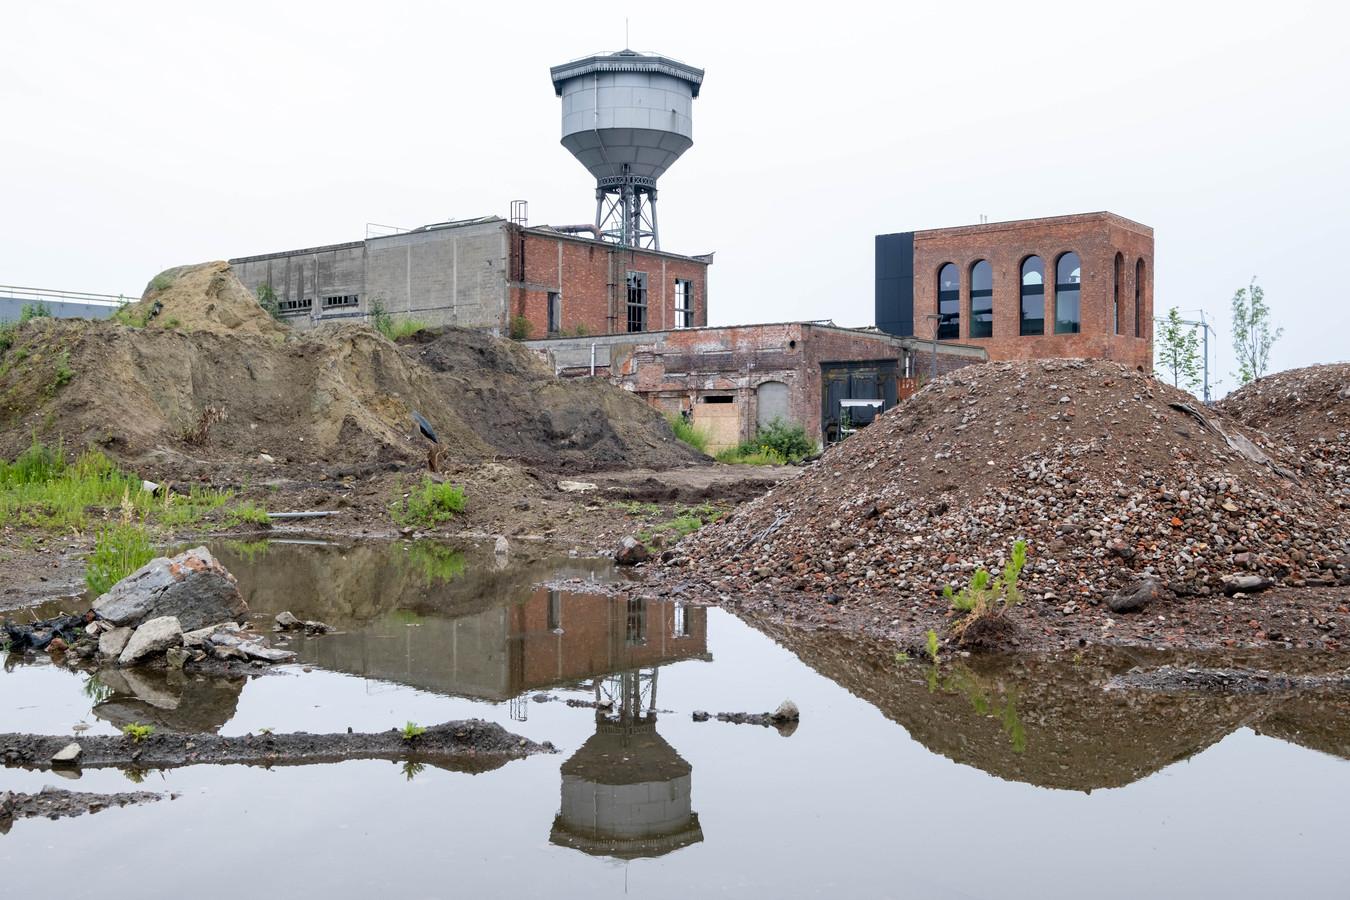 De site van de voormalige papierfabriek De Naeyer in Willebroek.